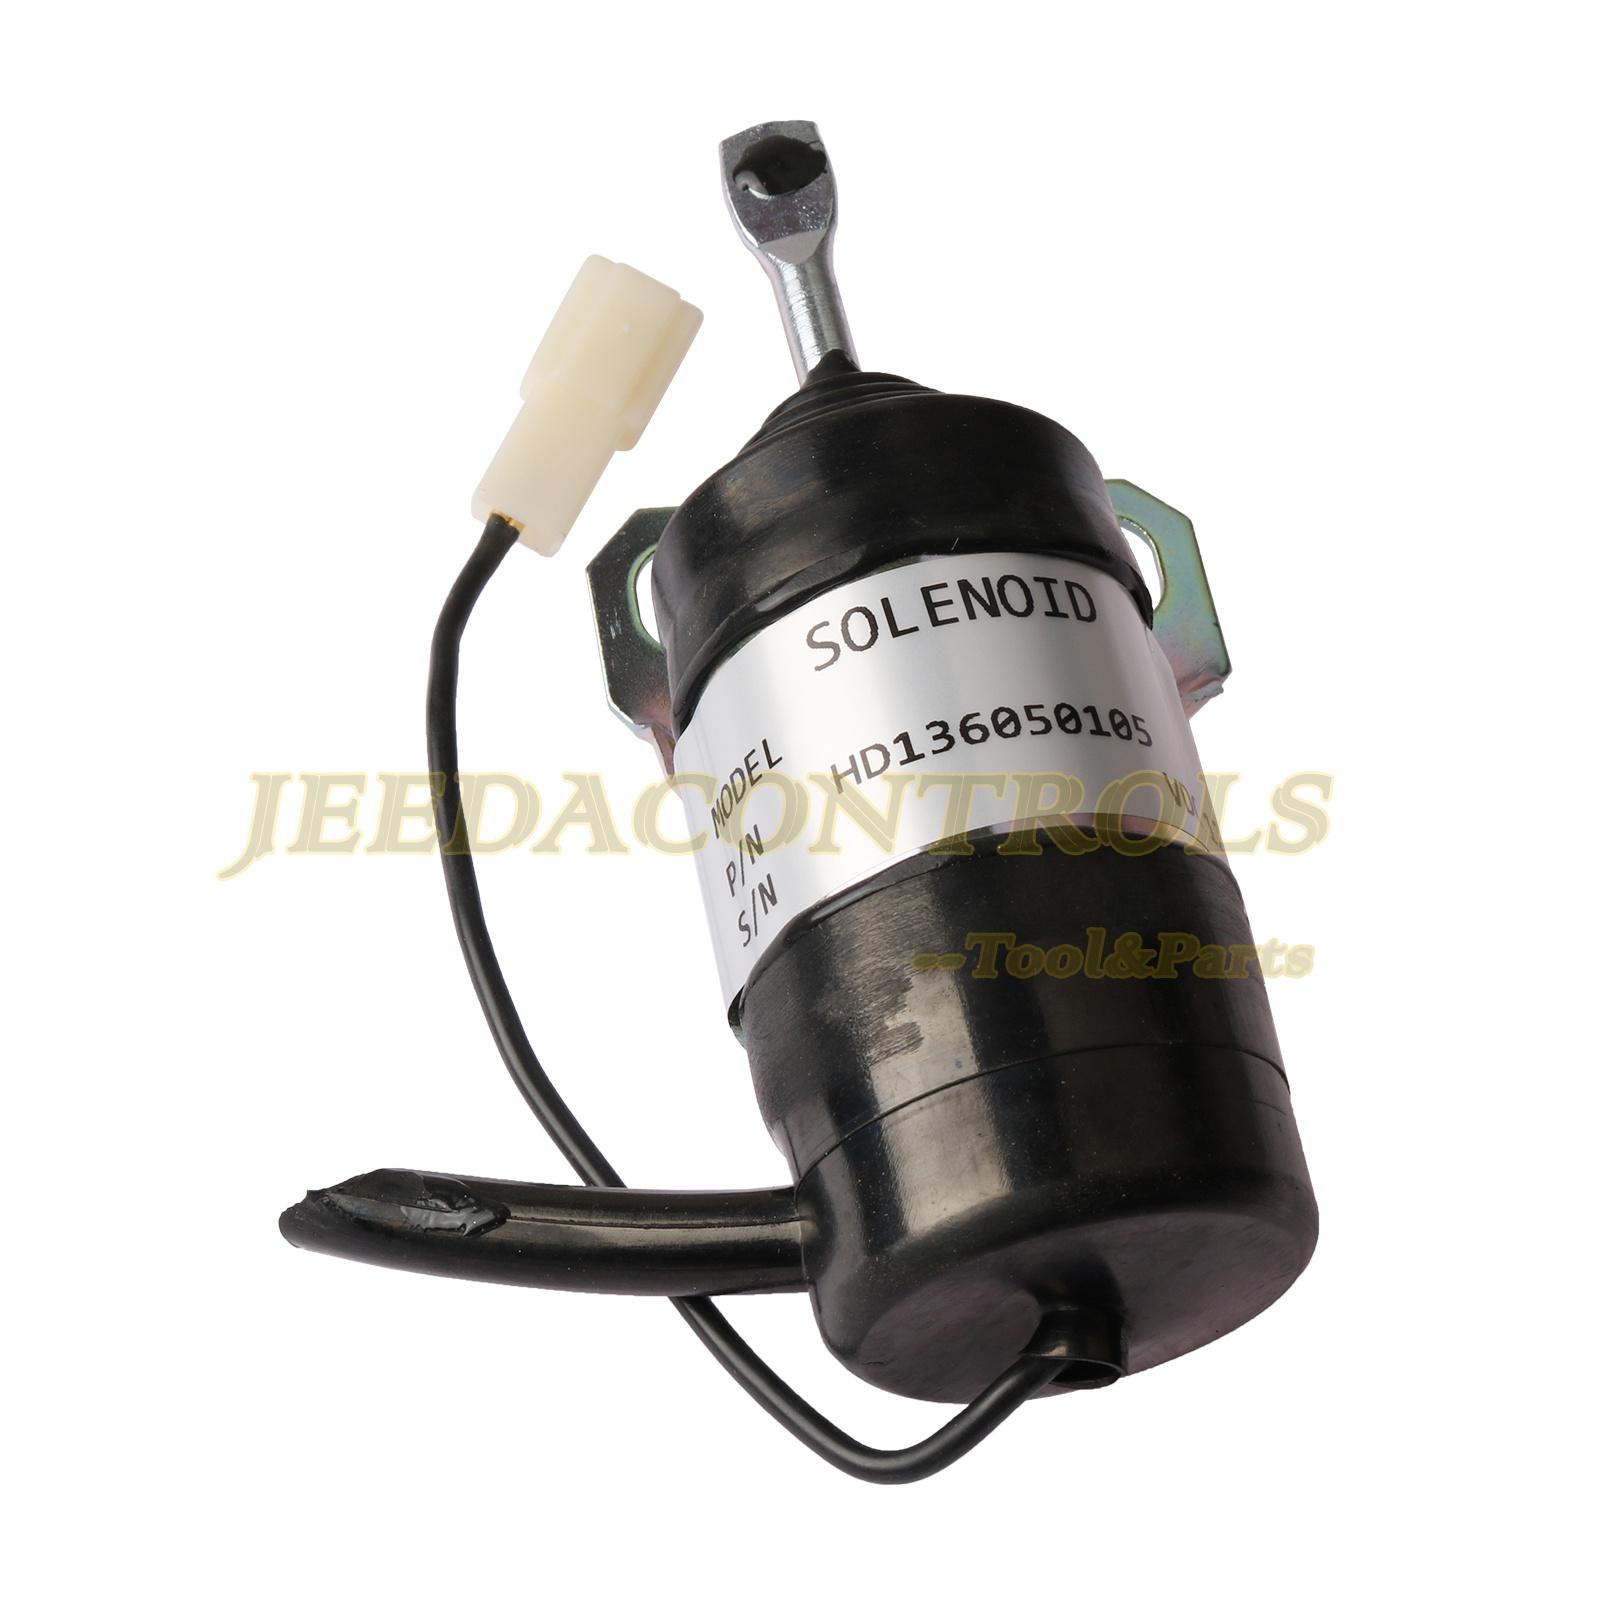 15471-60010 Stop Solenoid Shut Off B1250 fits Kubota B1750 L2900 L4200 M4900 B20